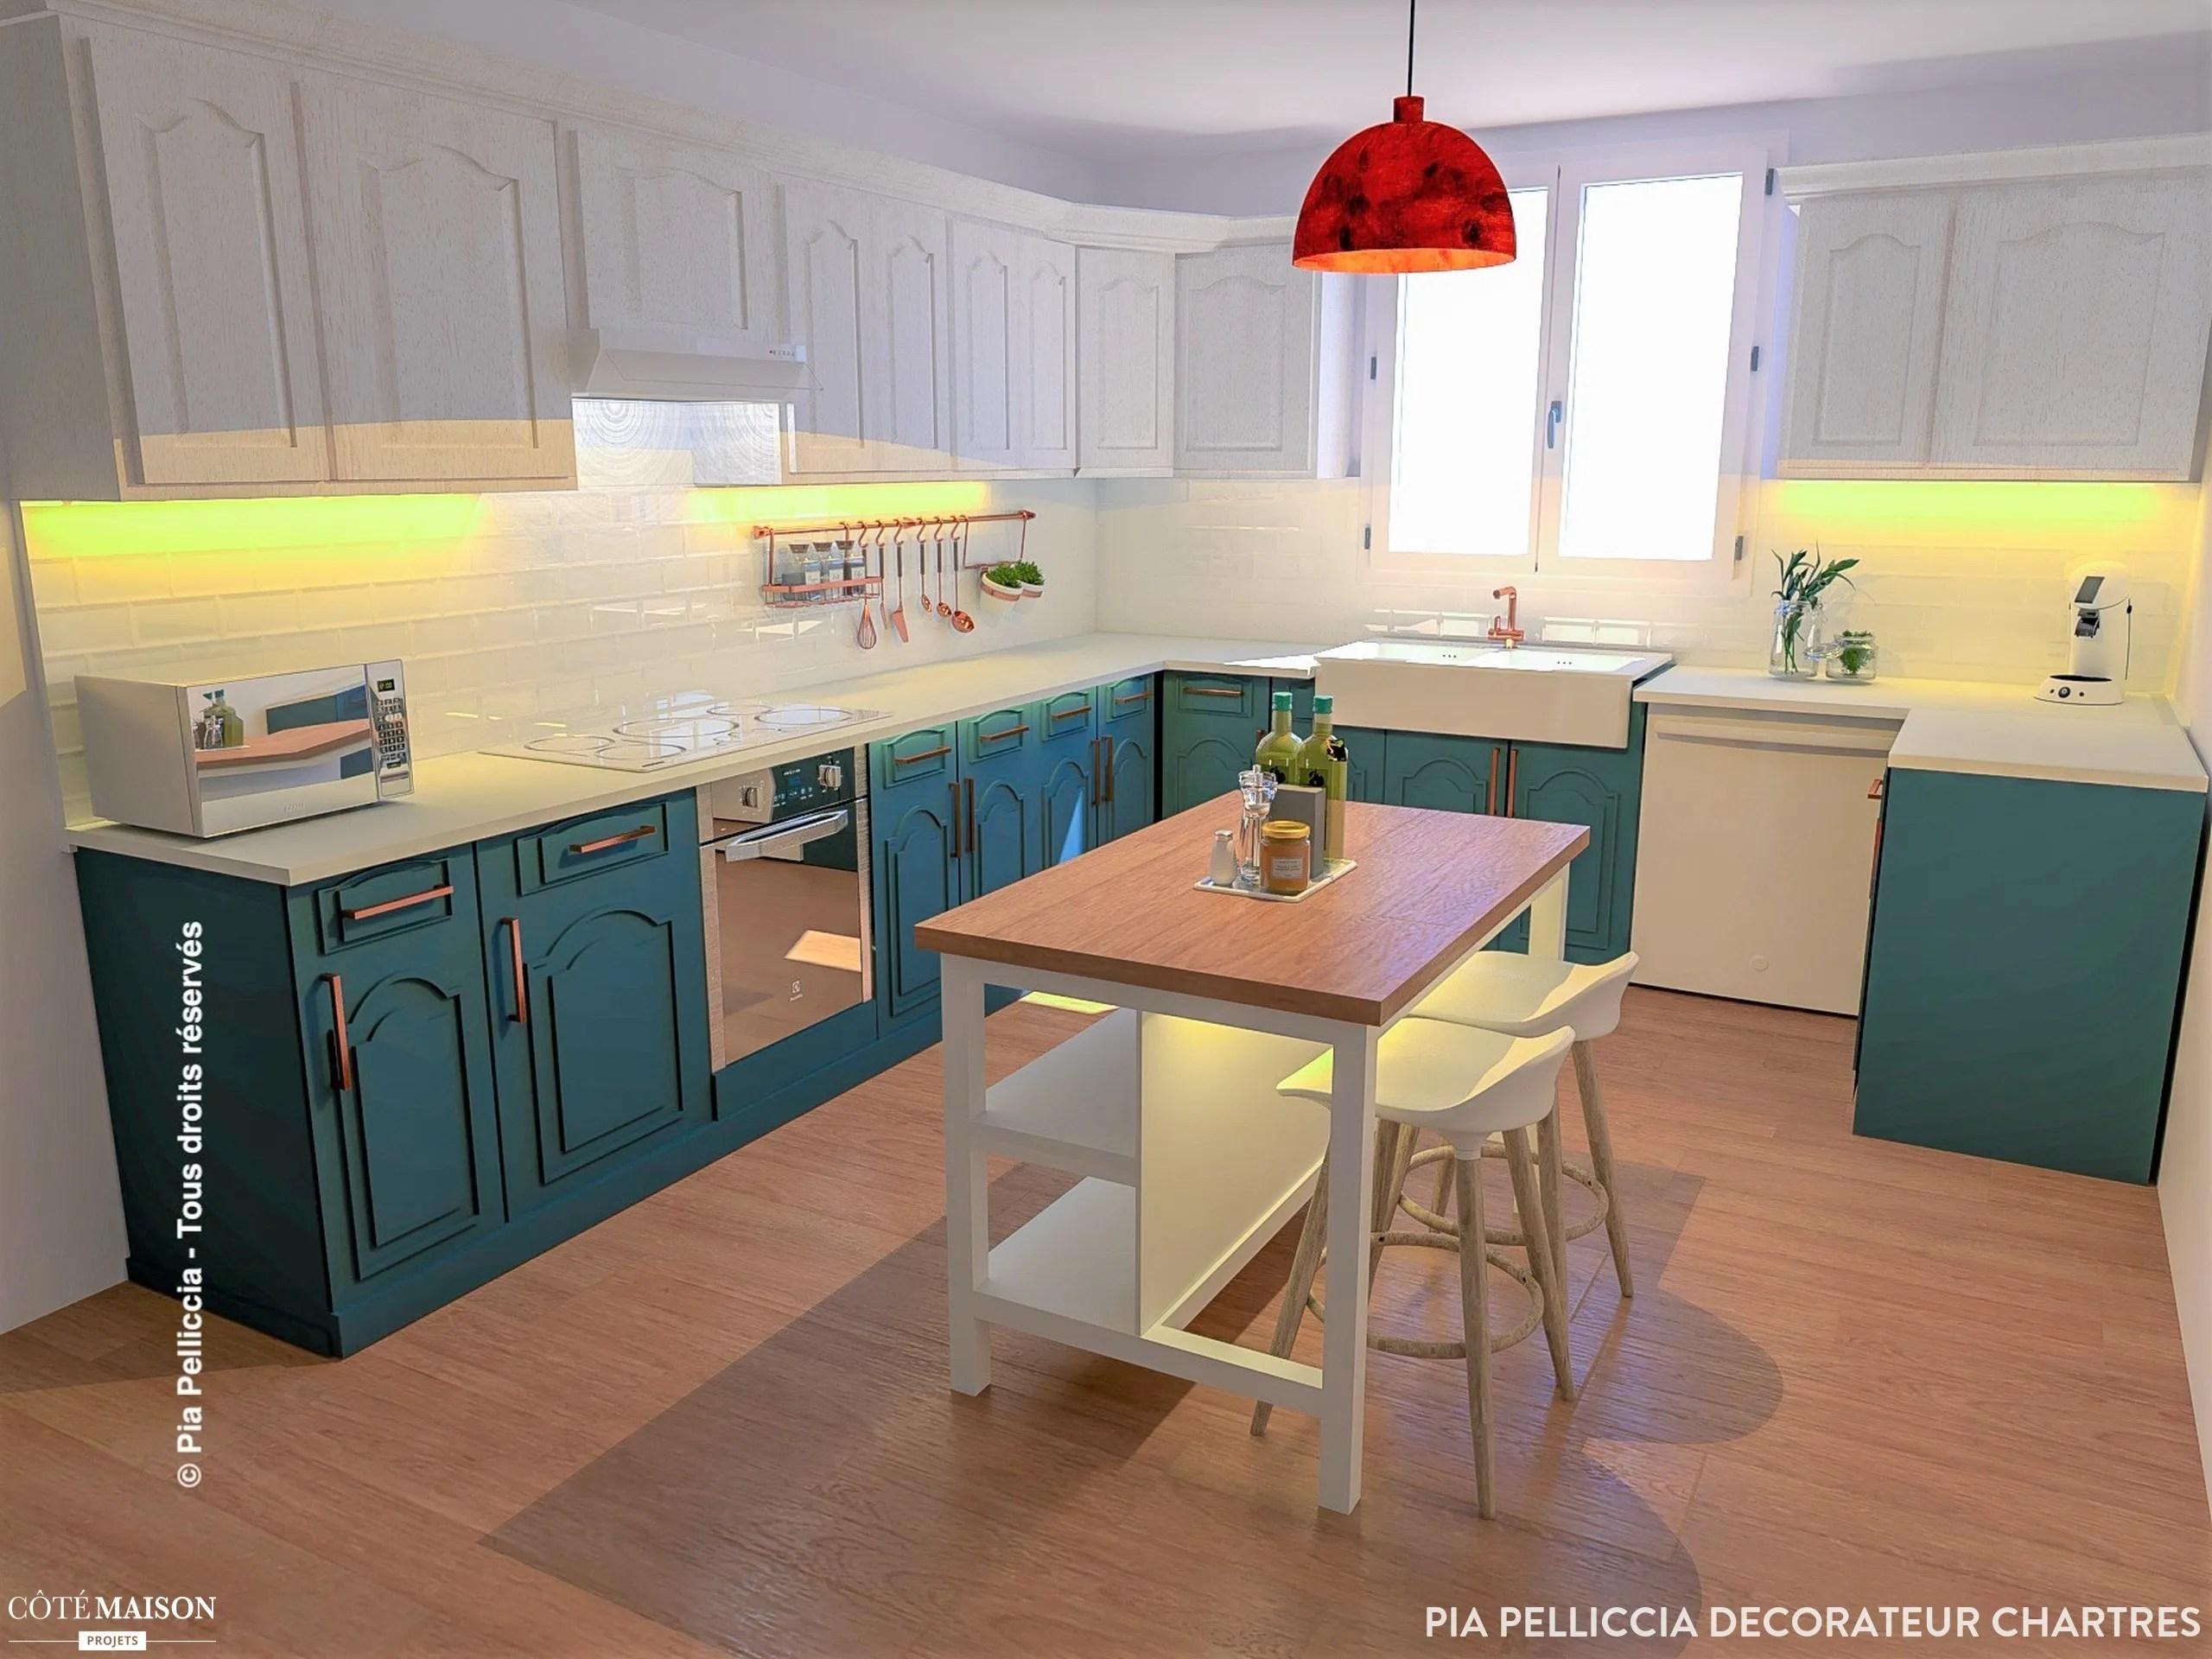 Home Staging Ancienne Cuisine Chapeau De Gendarme Pia Pelliccia Decorateur Chartres Cote Maison